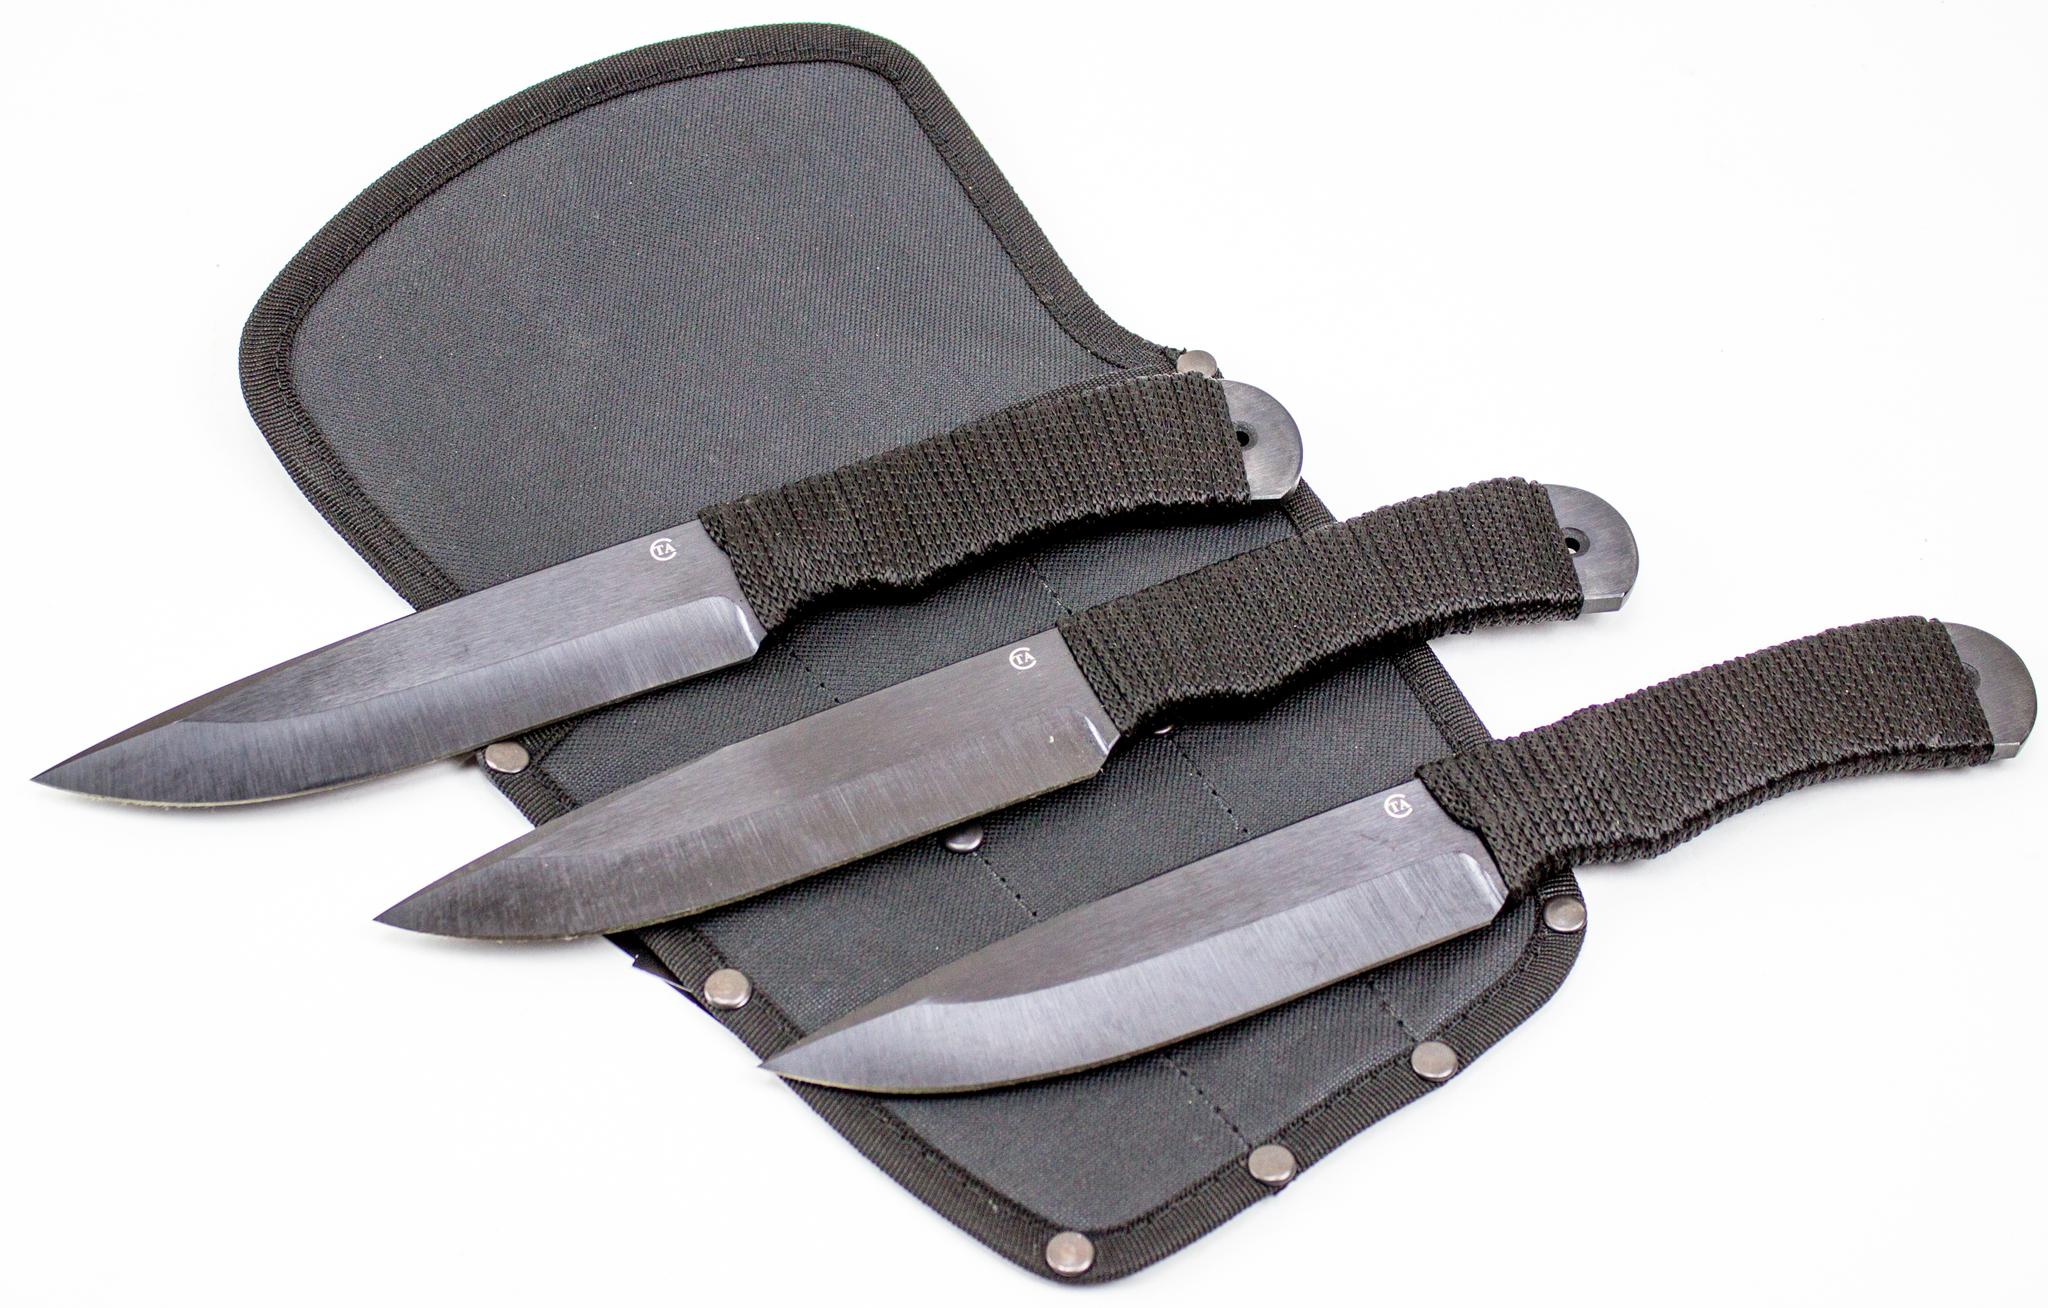 Фото 2 - Набор метательных ножей